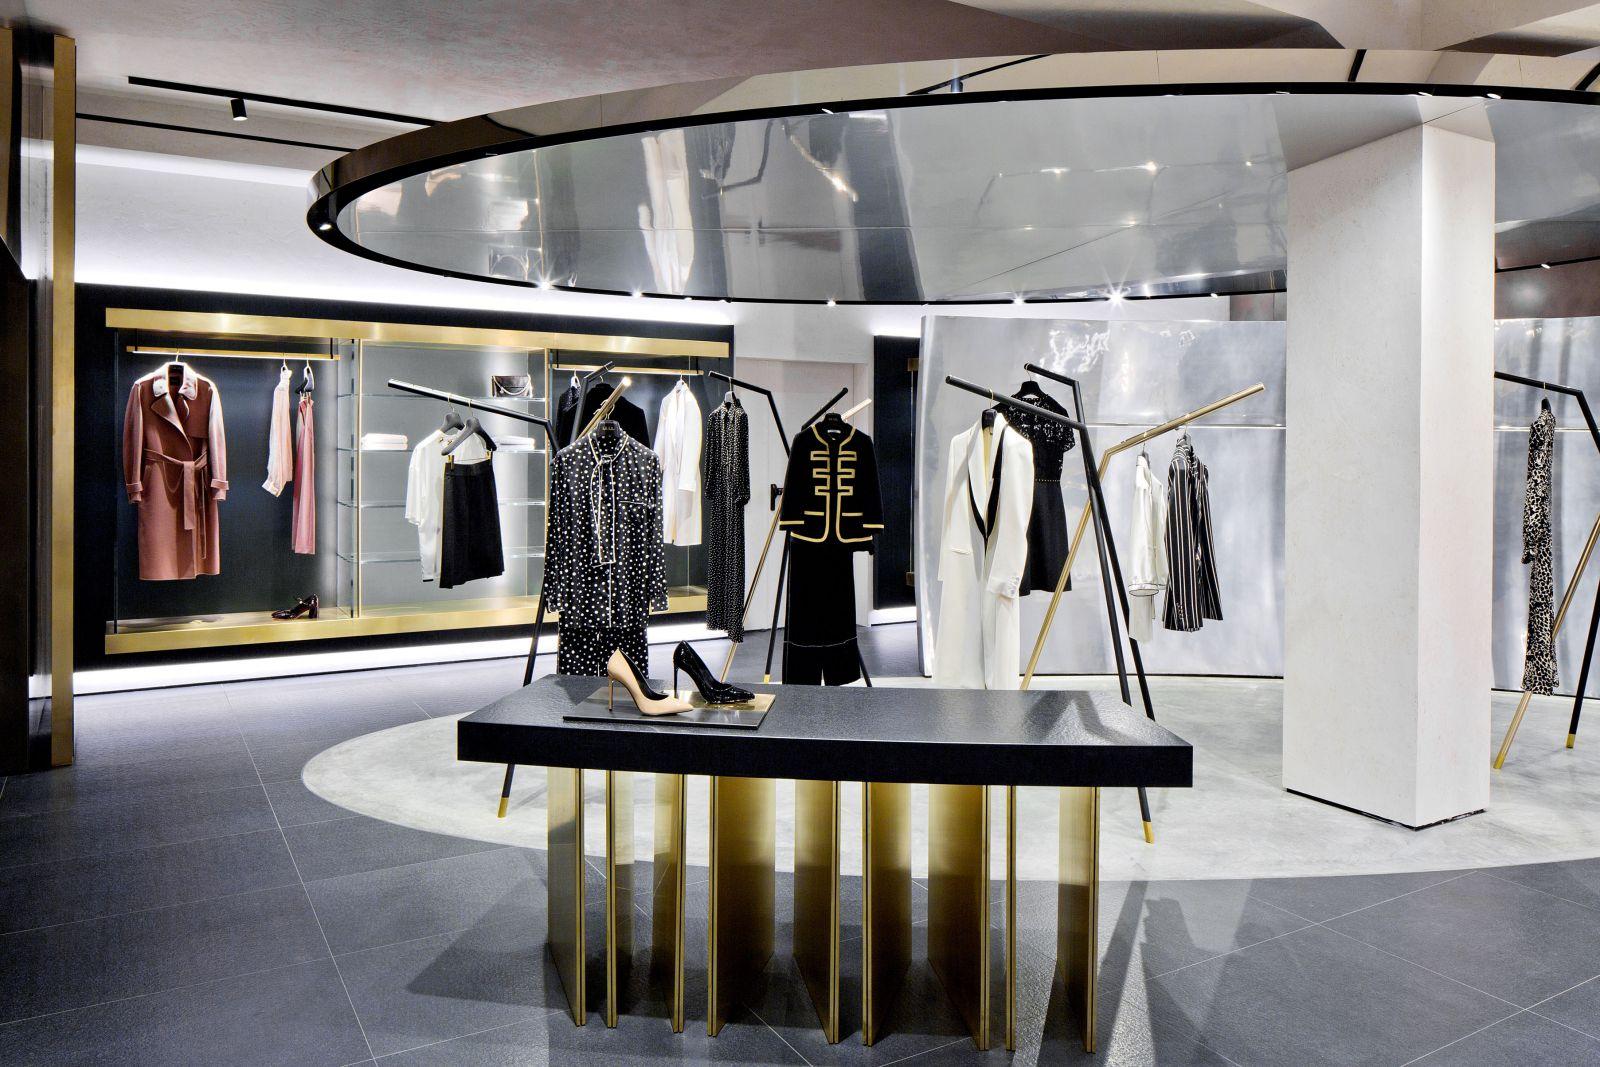 9bc2f6ceddf7 negozio-mantova-donna-follifollie 09 negozio-mantova-donna-follifollie 12  negozio-mantova-donna-follifollie 13 negozio-mantova-donna-follifollie 14  ...